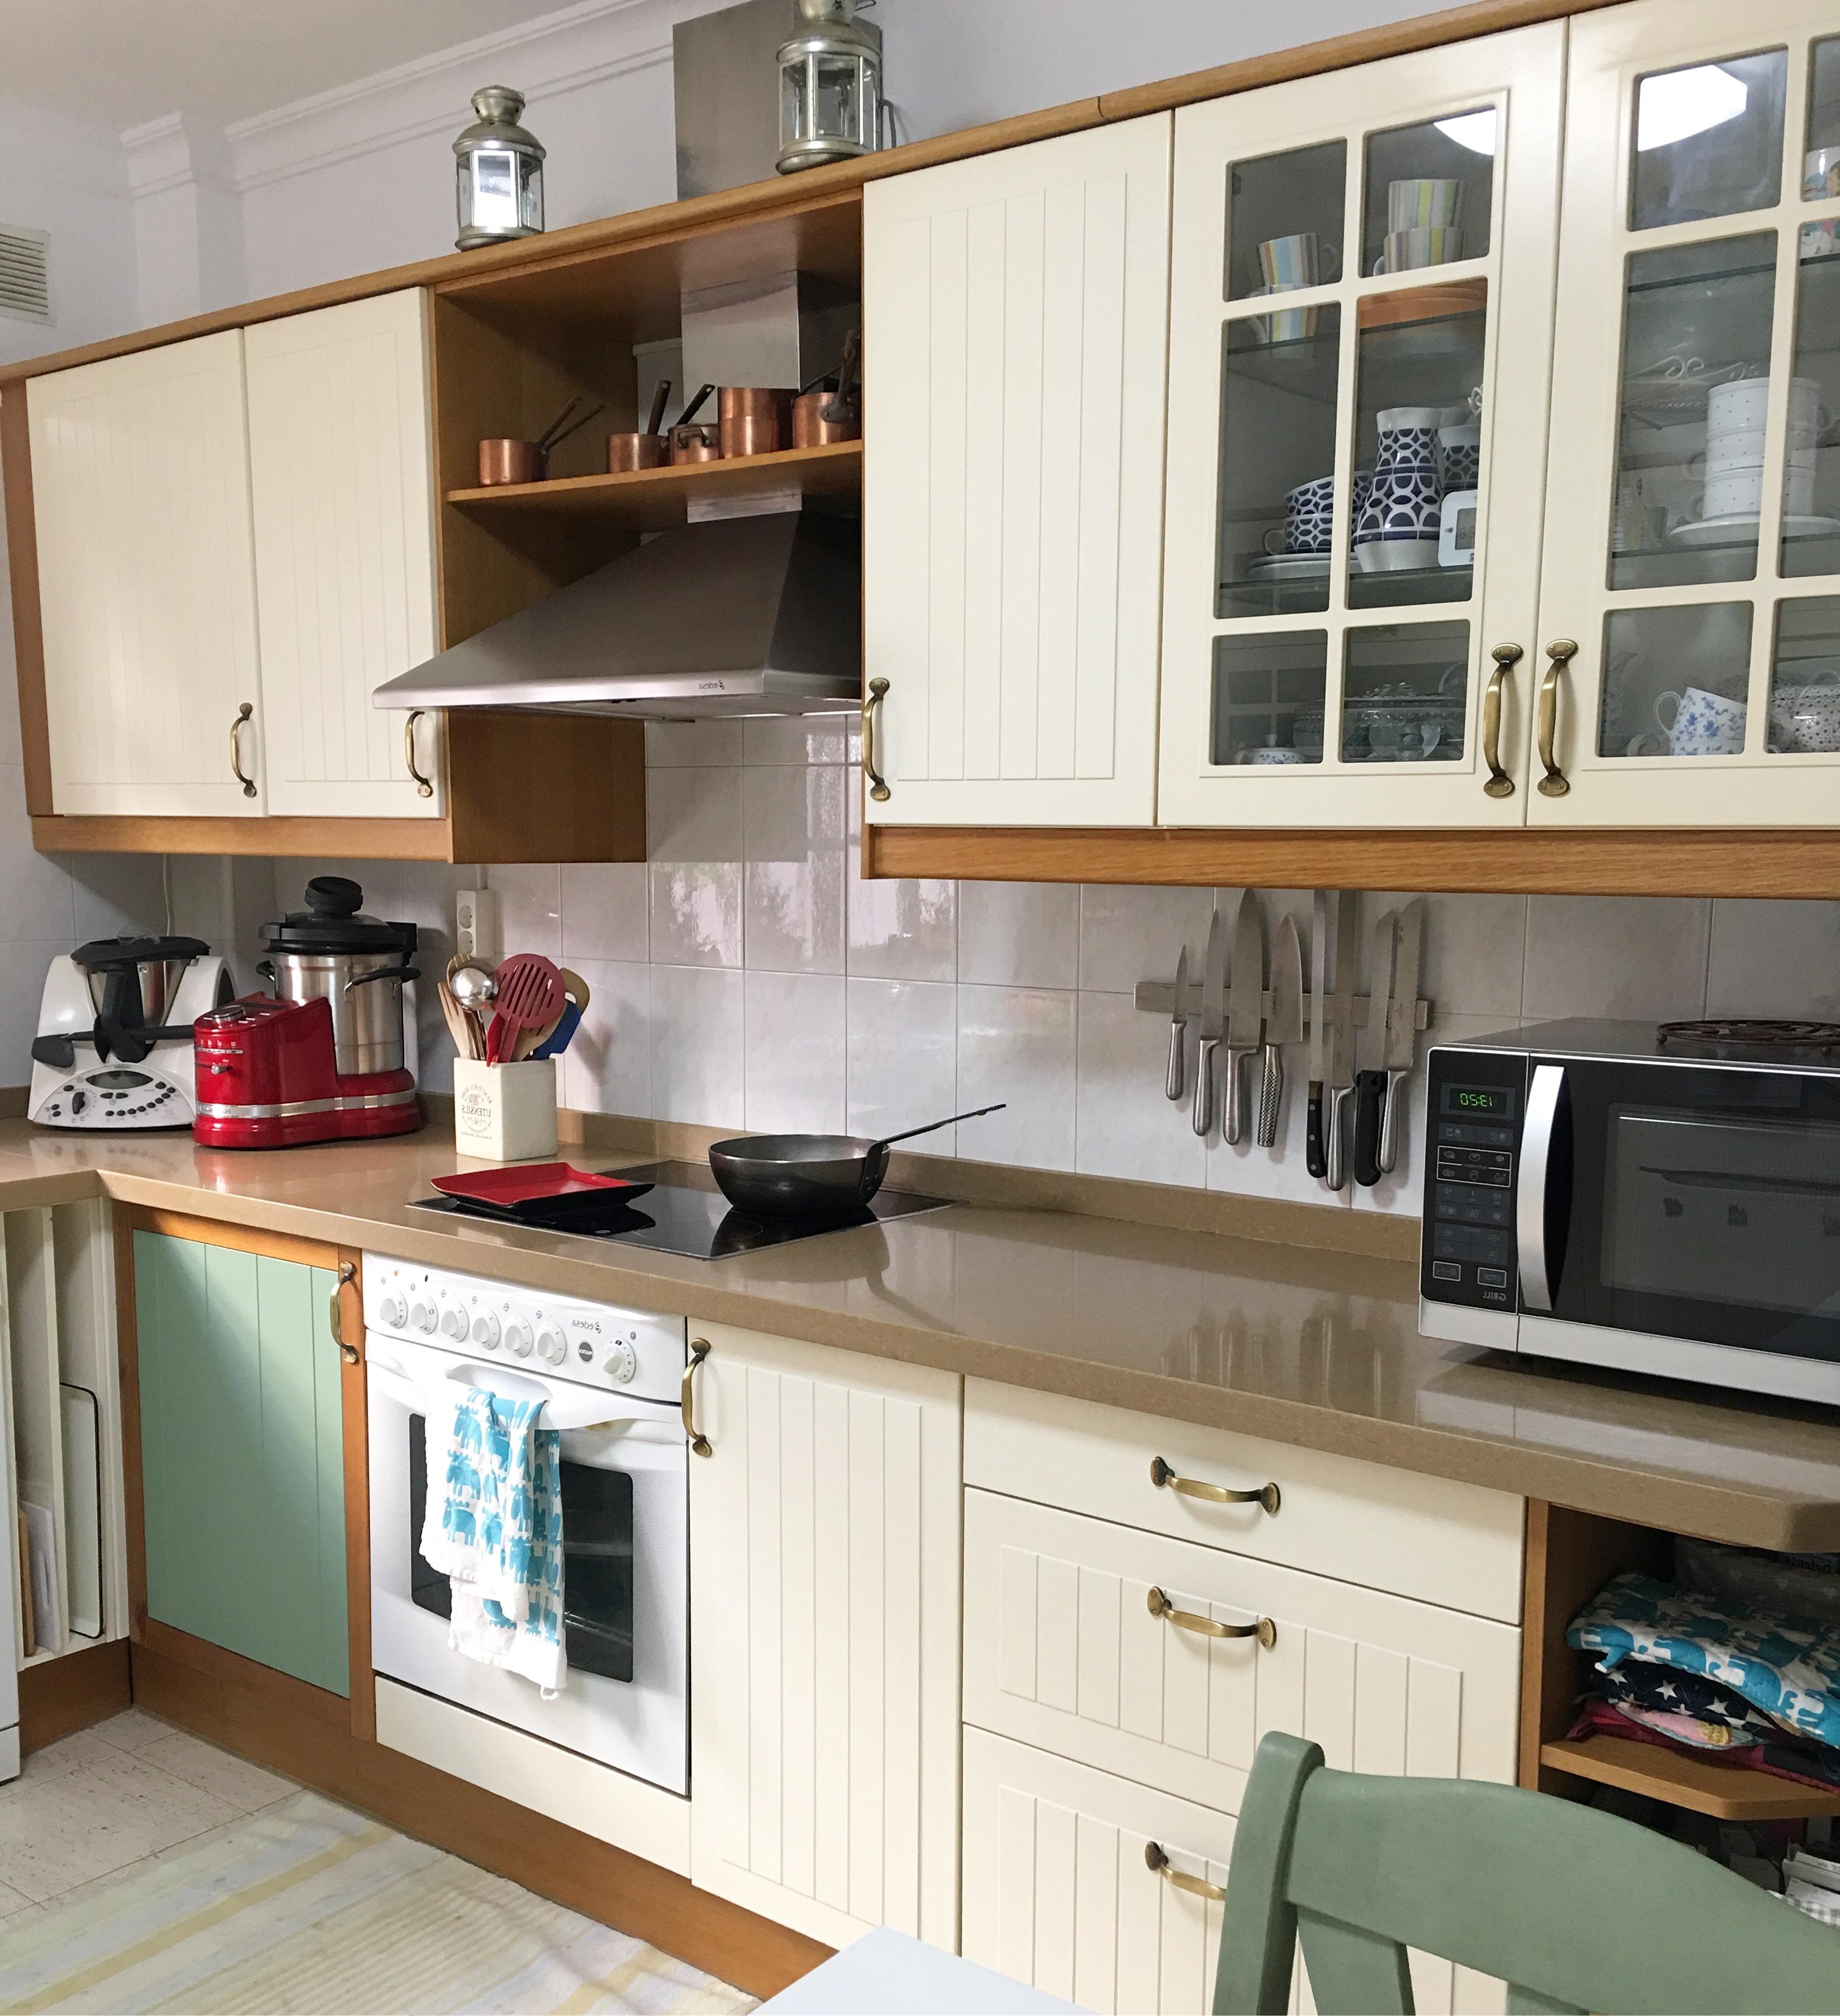 Muebles De Cocina H9d9 Pintar Muebles De Cocina El Rincà N De Bea